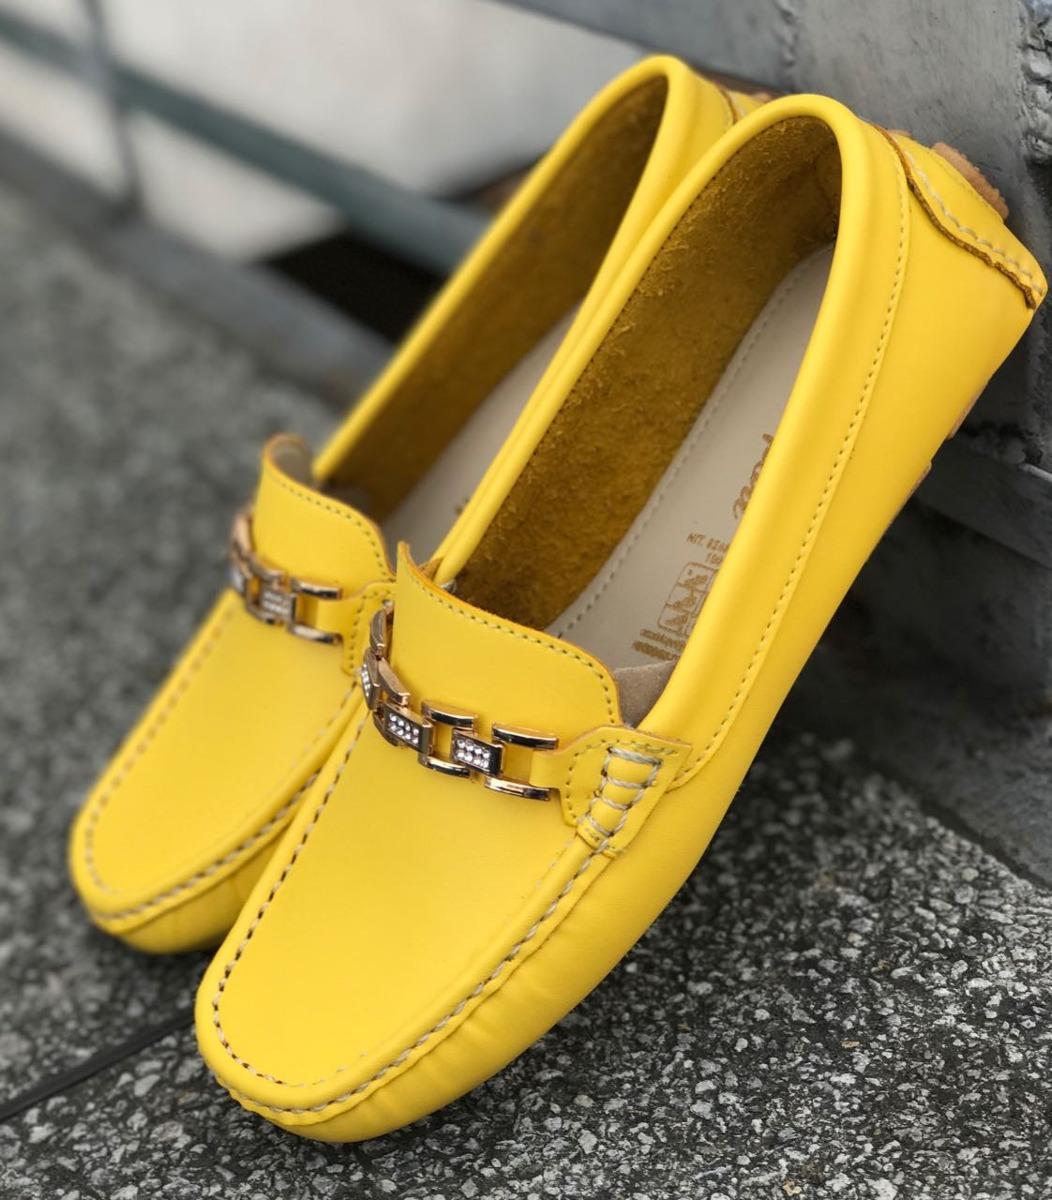 518dee1ad0f Mocasines Dama Excelente Calzado Para Dama -   60.000 en Mercado Libre